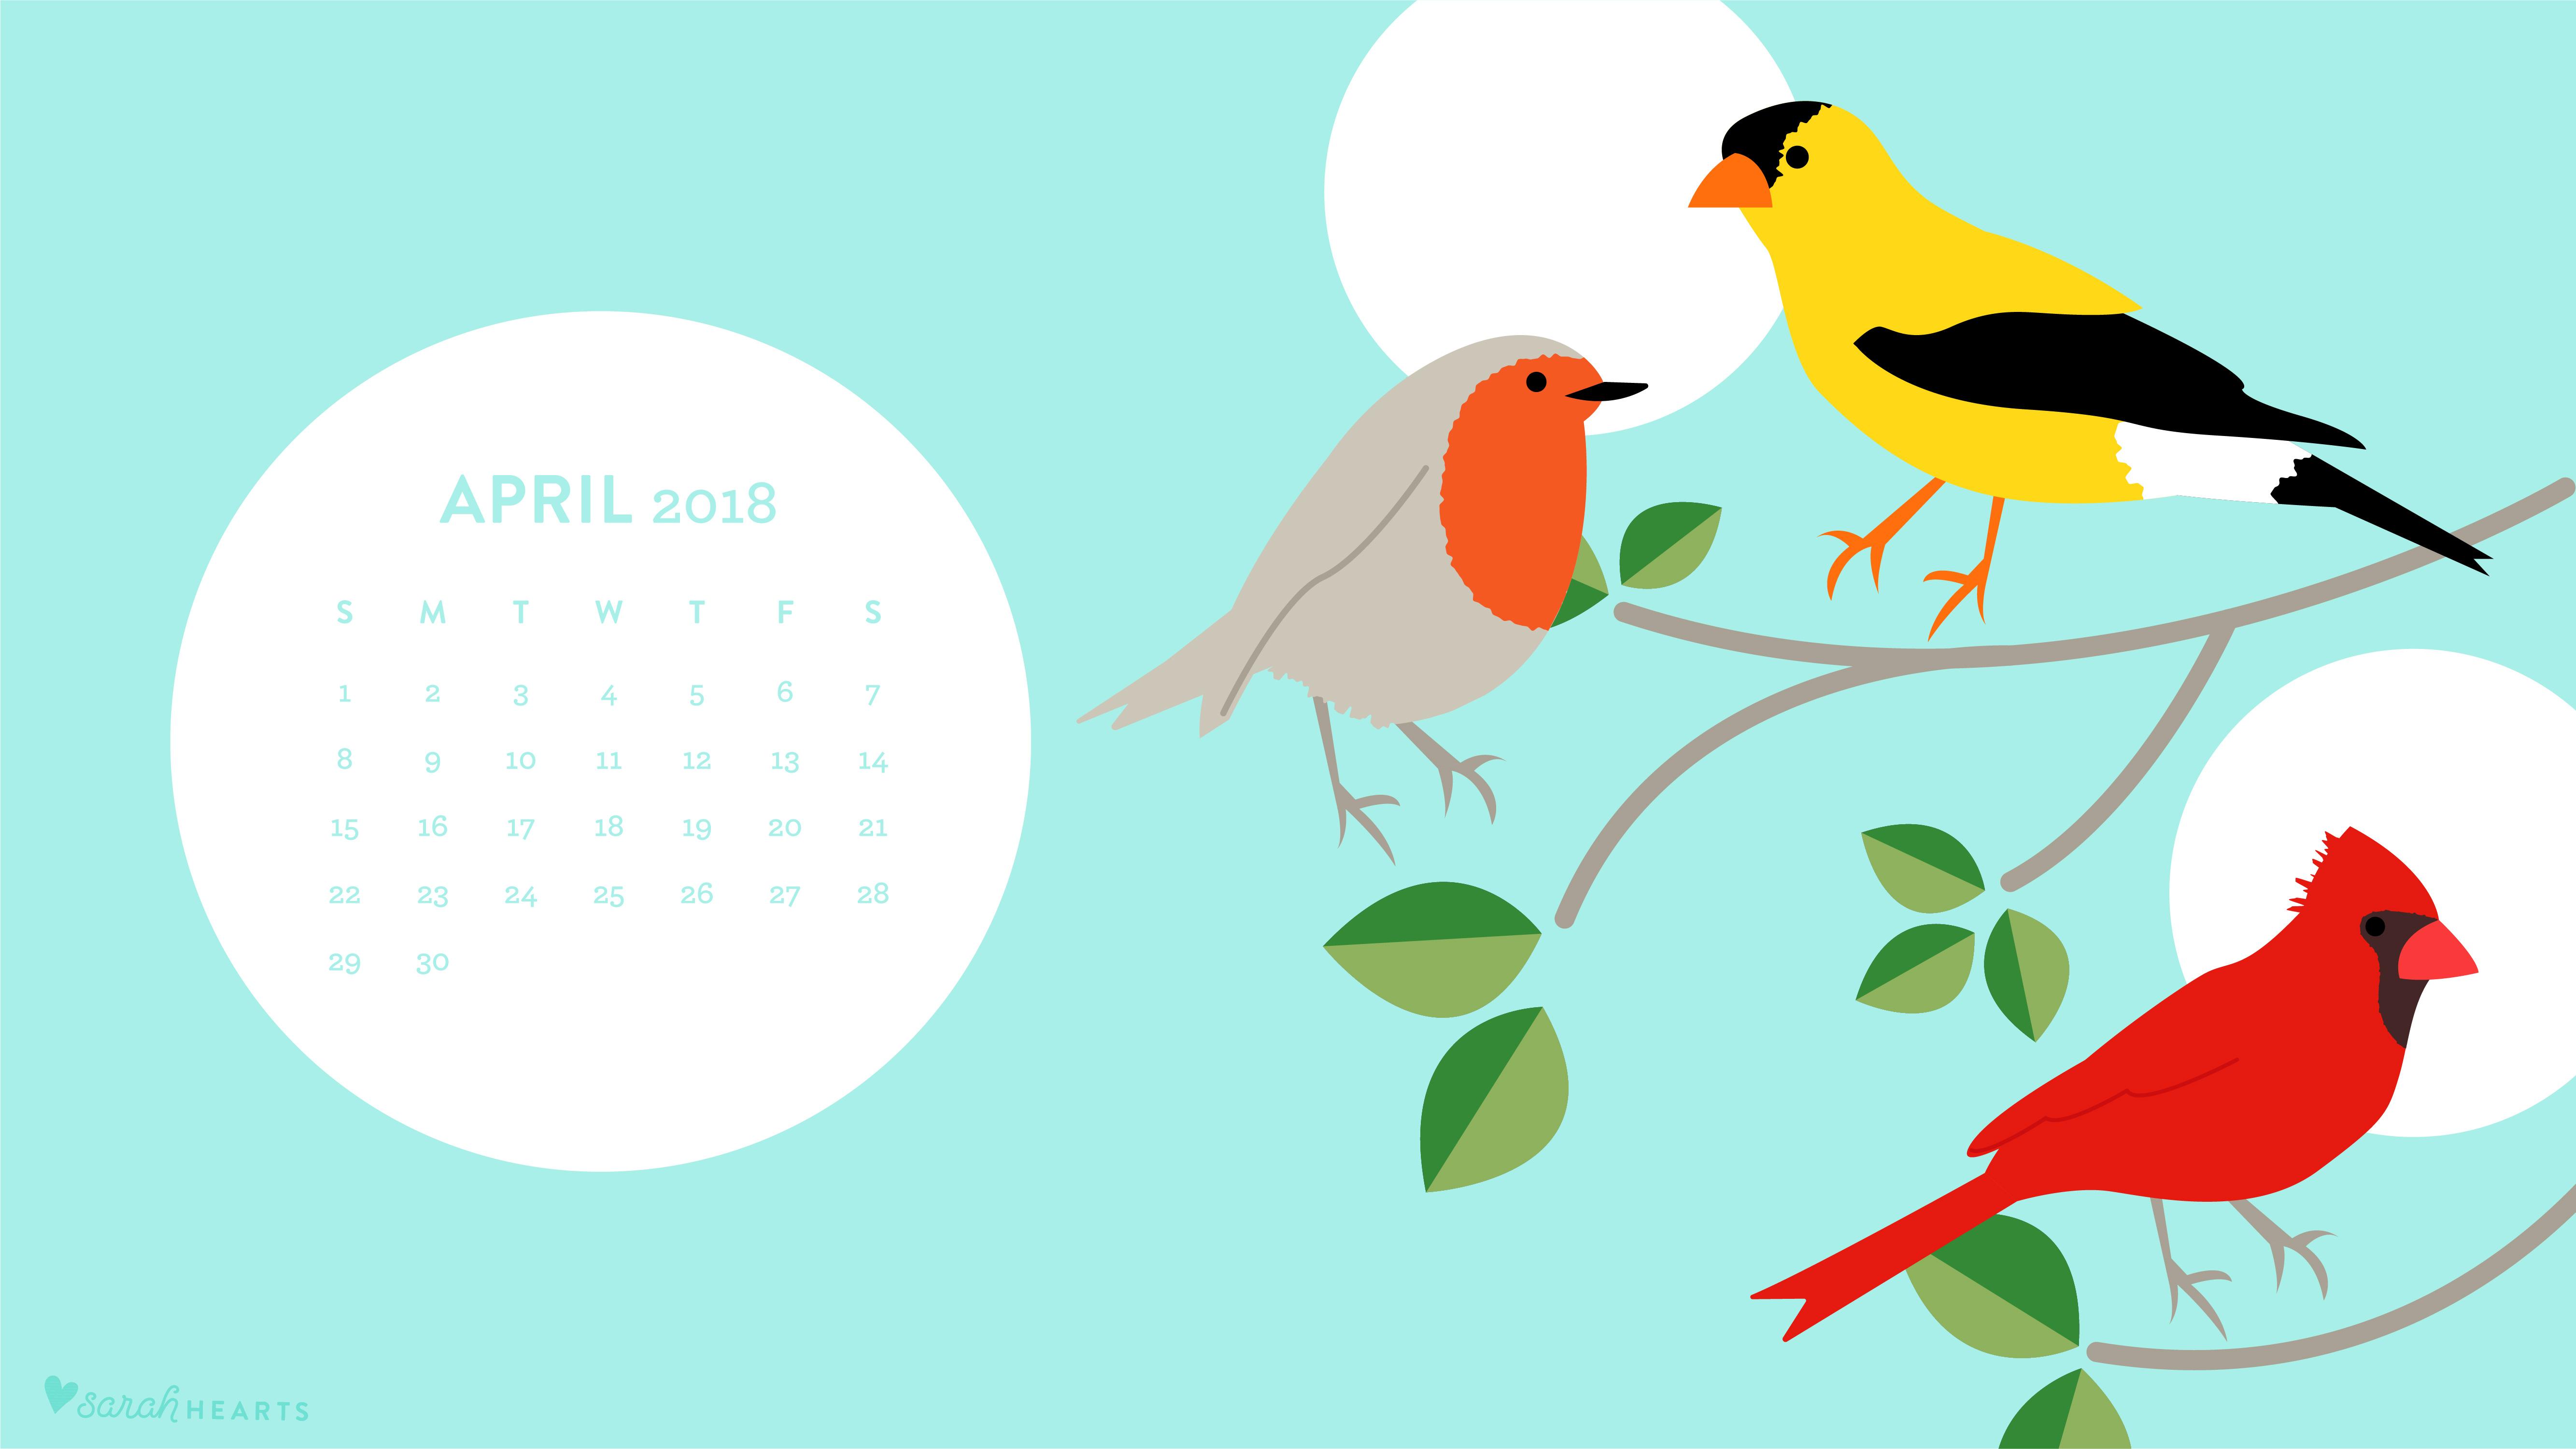 April 2018 Bird Calendar Wallpaper   Sarah Hearts 5334x3001